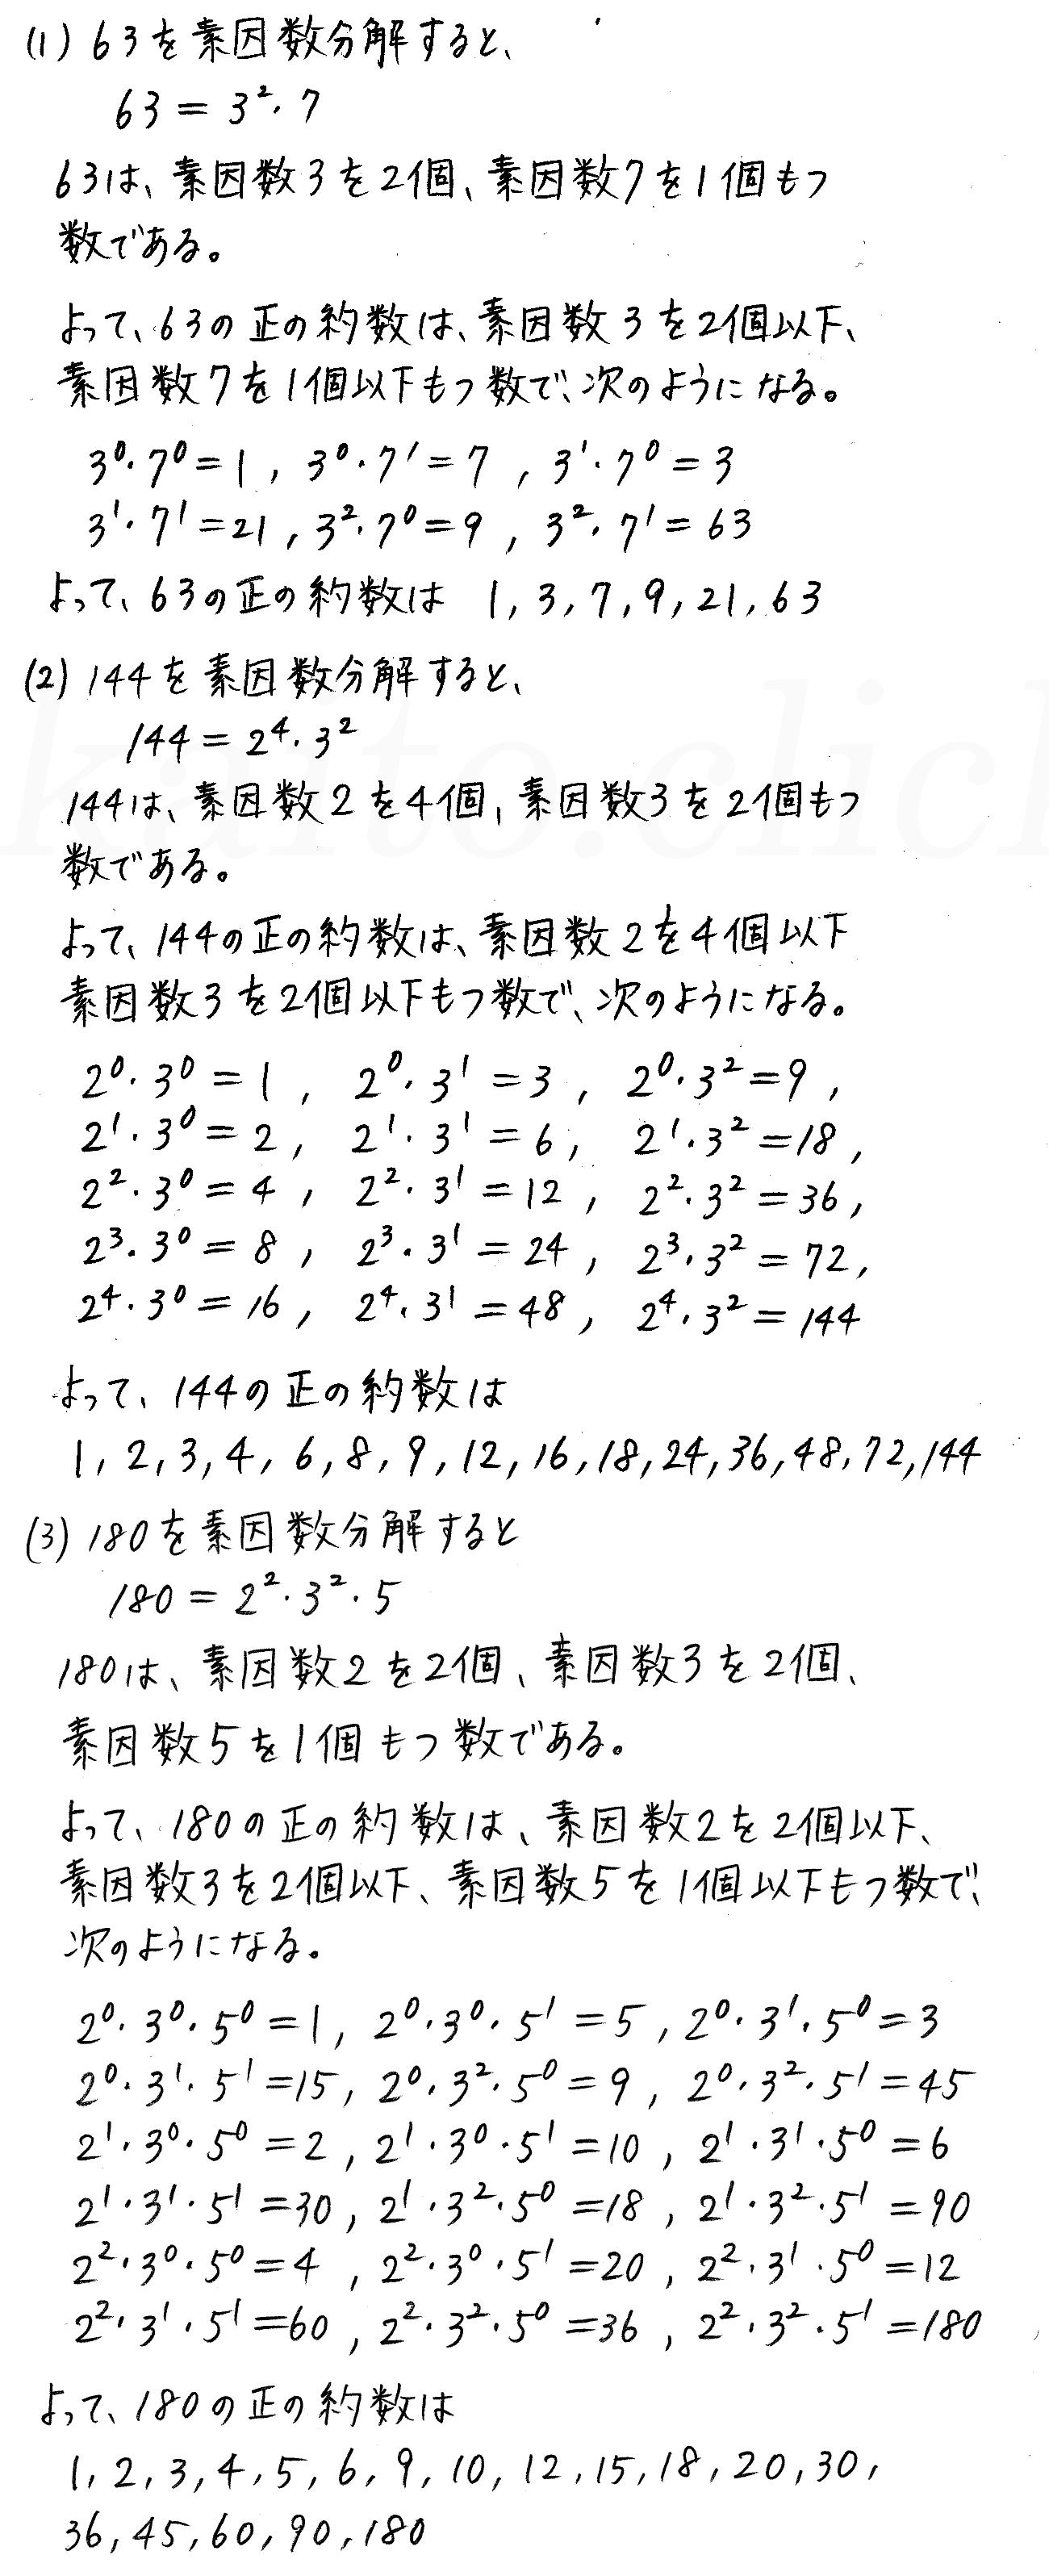 クリアー数学A-225解答